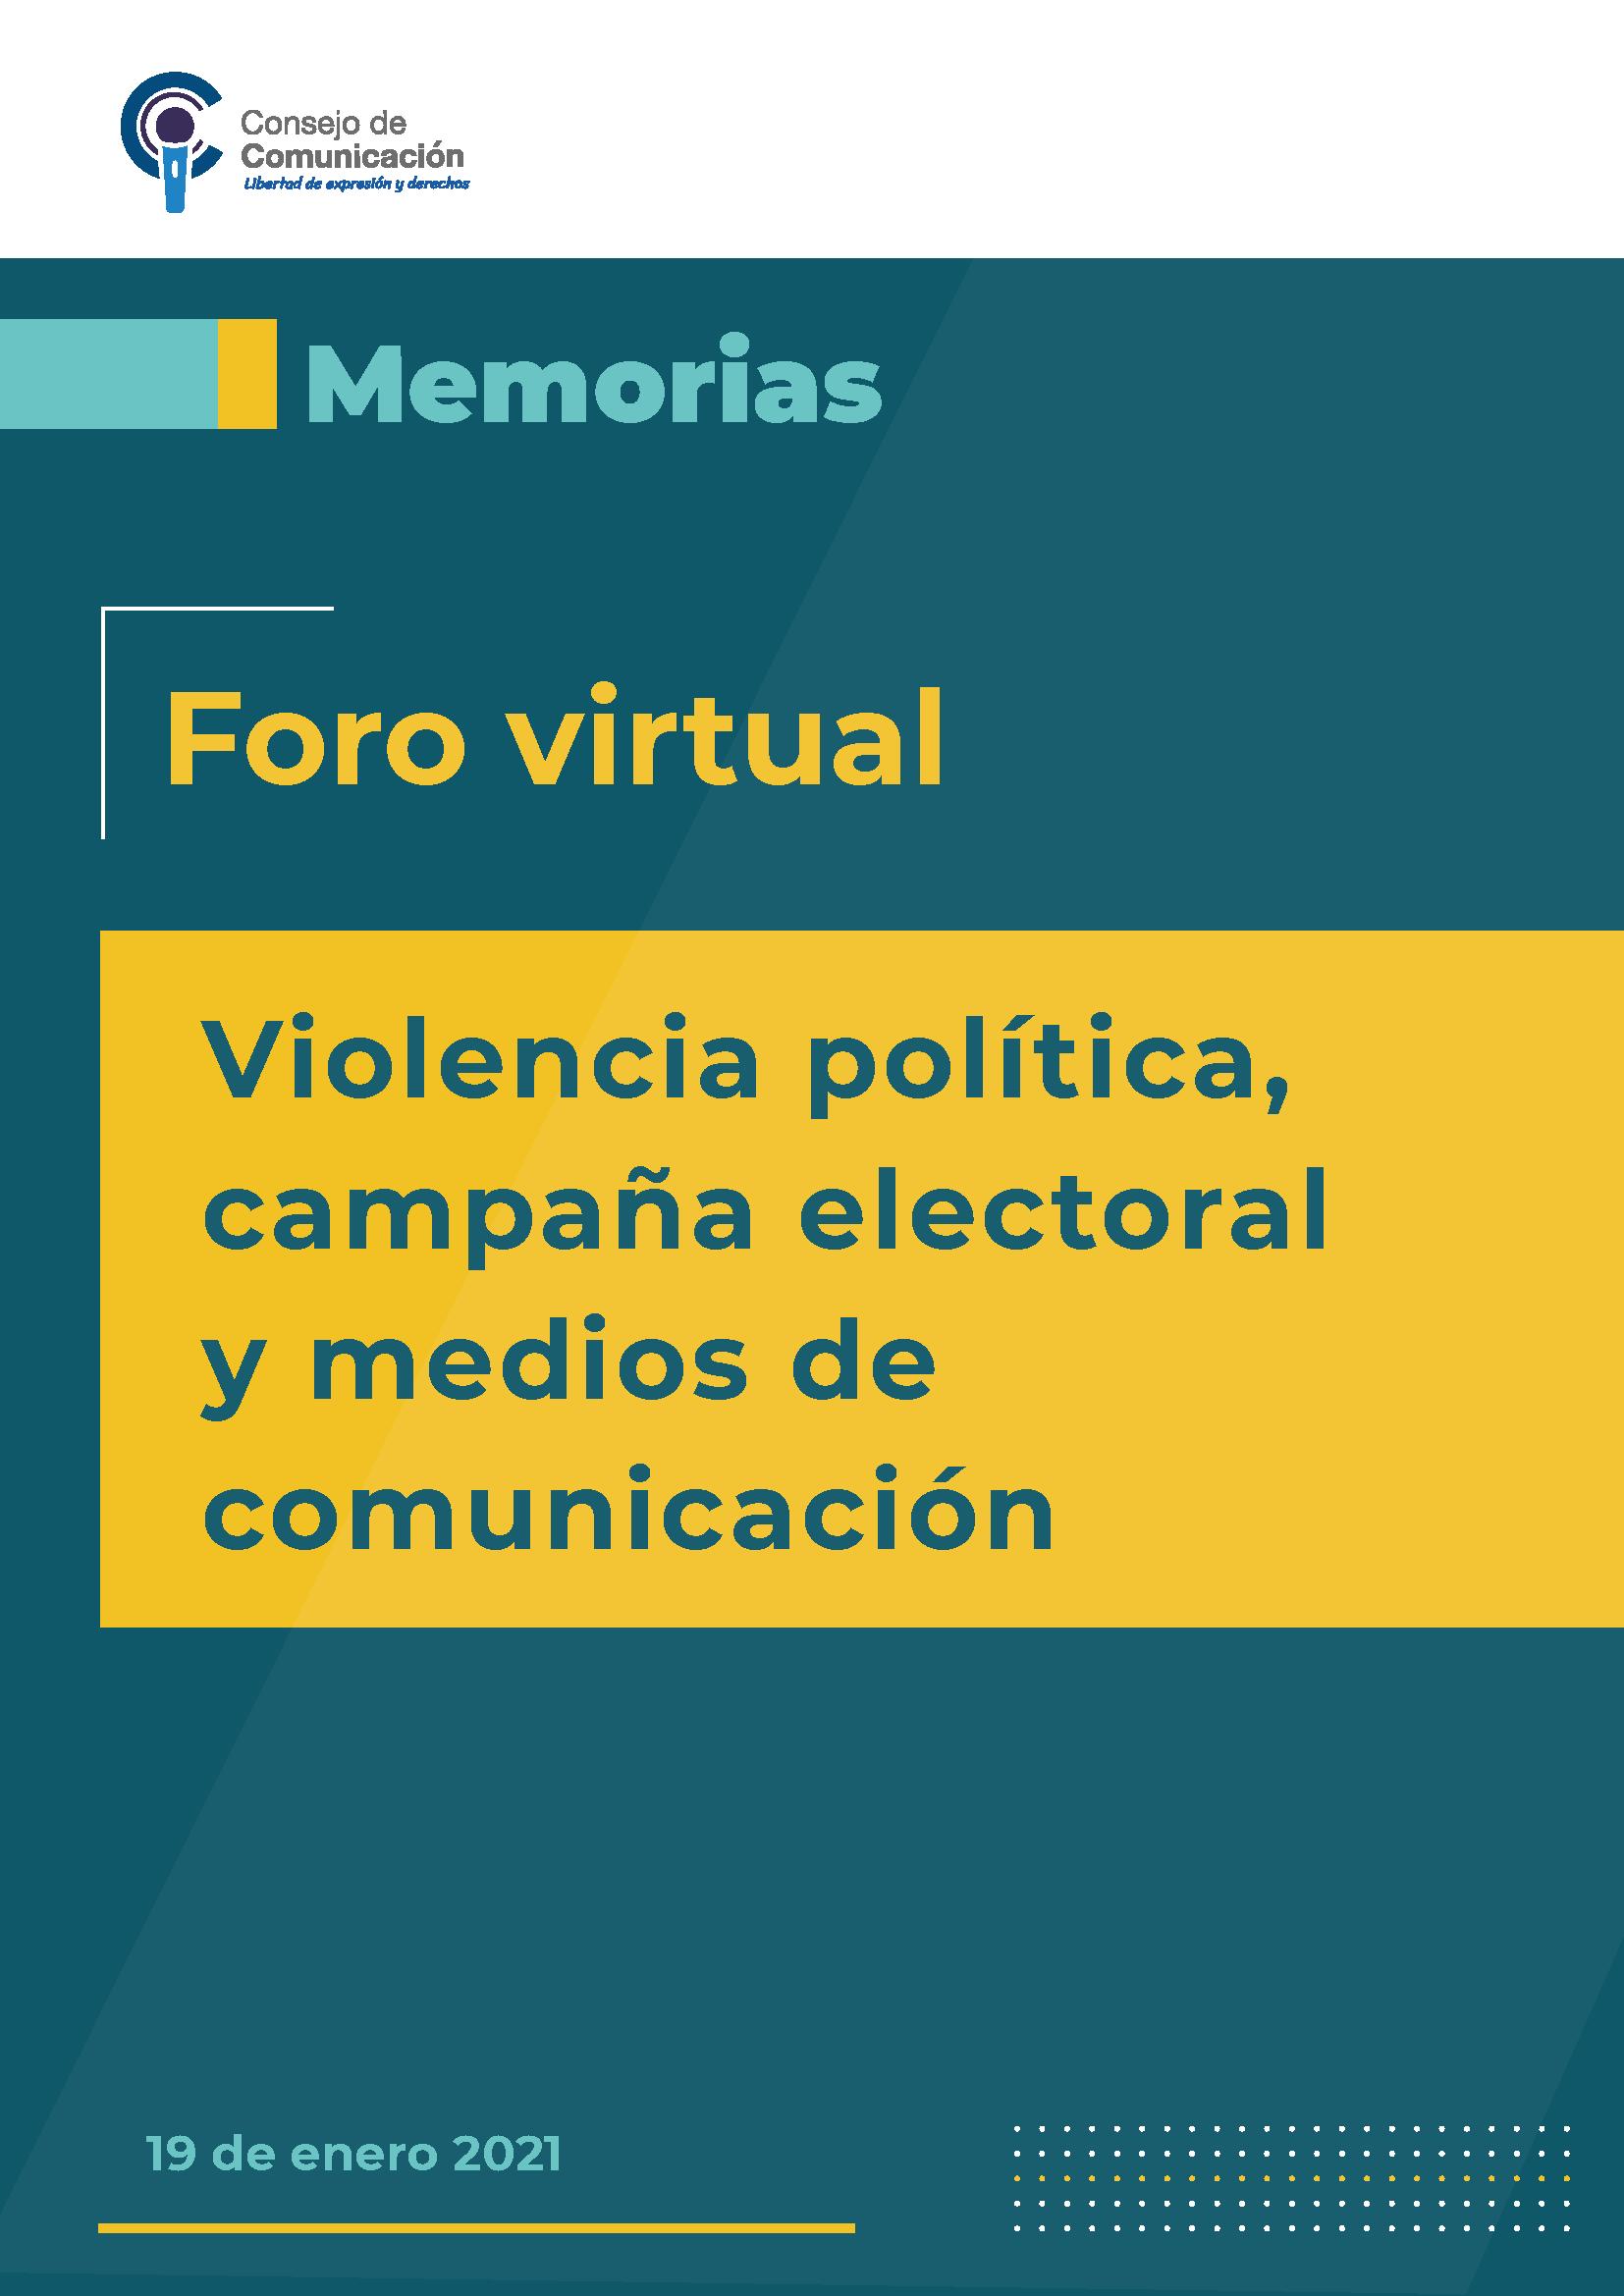 Foro virtual Violencia política, campaña electoral y medios de comunicación